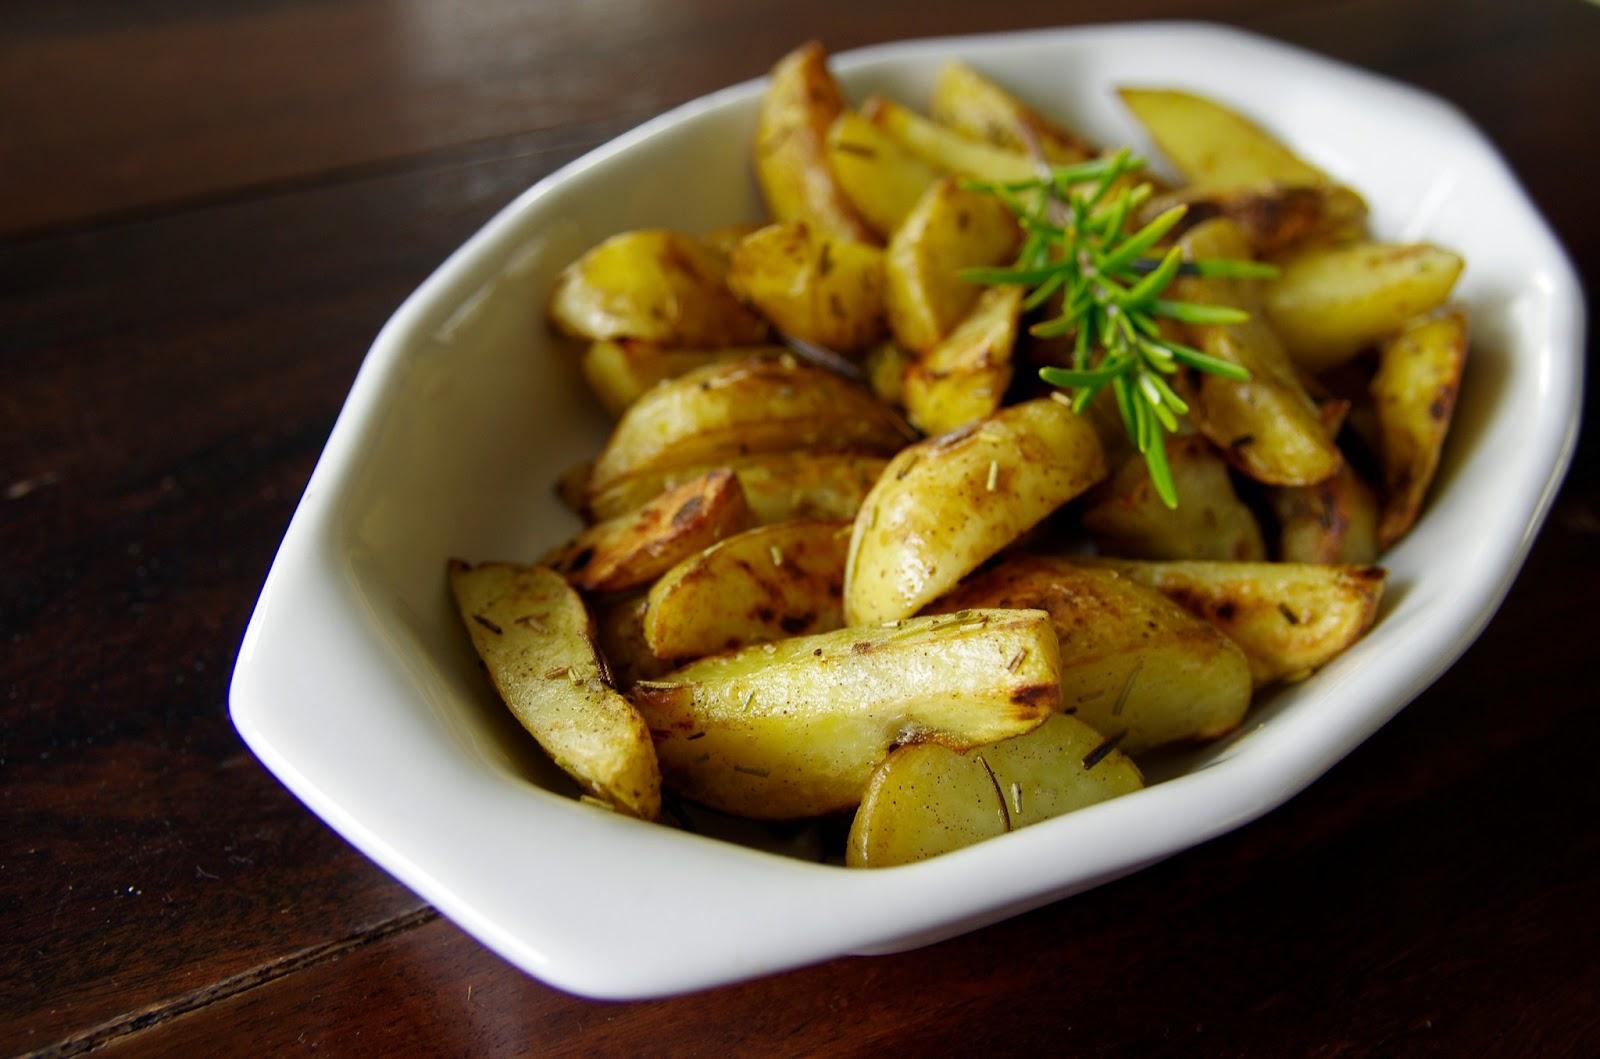 resep dunia gambar potato wedges